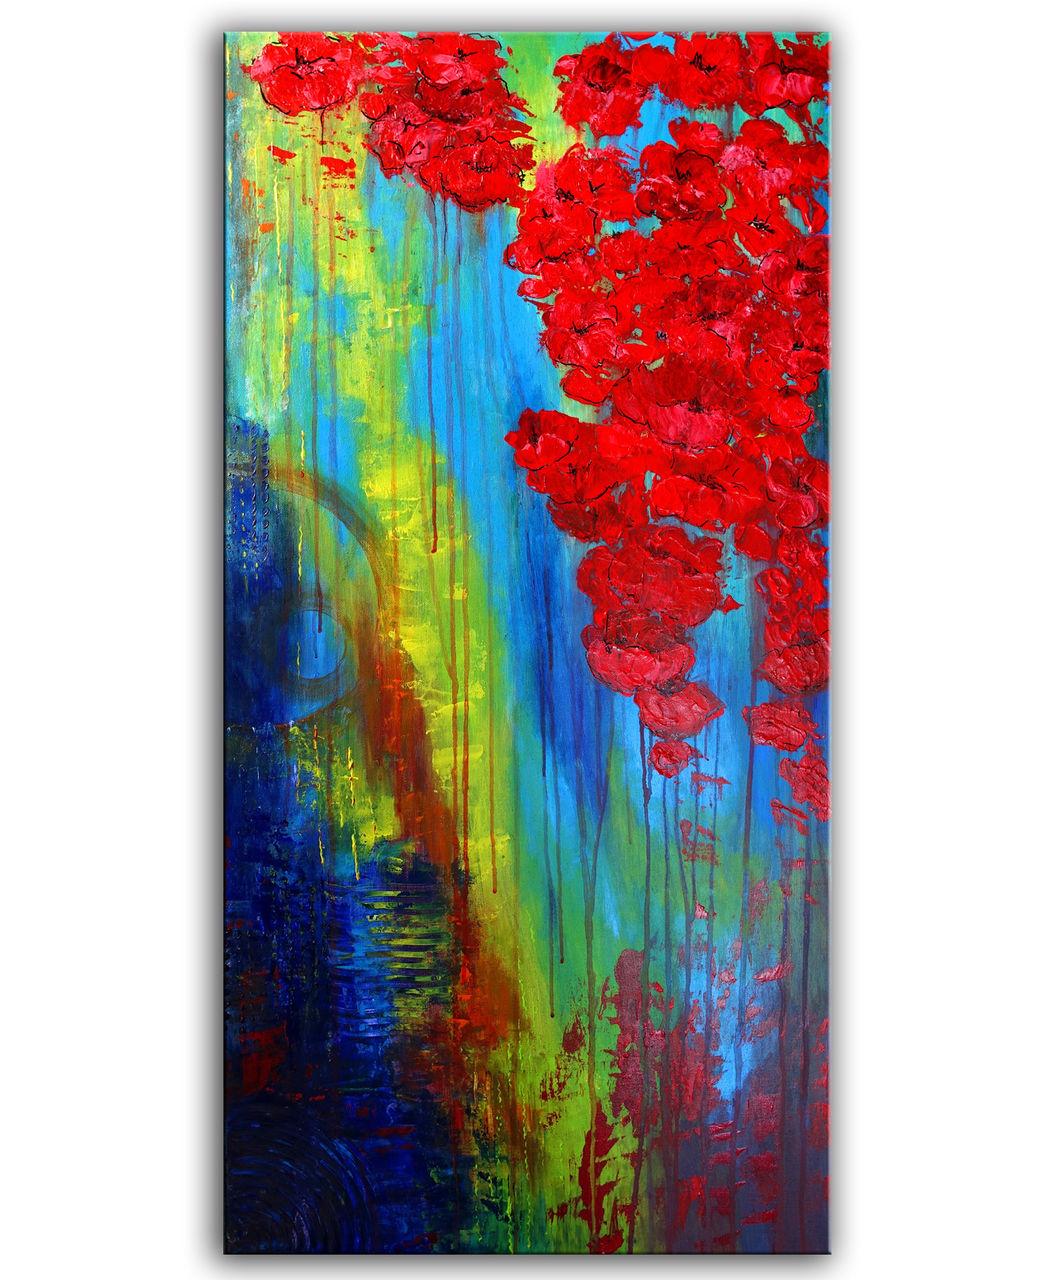 Wasserbluten Blumen Malerei Blumenbild Blumen Gemalde Blumen Malerei Malen Blumen Gemalde Malerei Von Burgstallers Art On Kunstnet